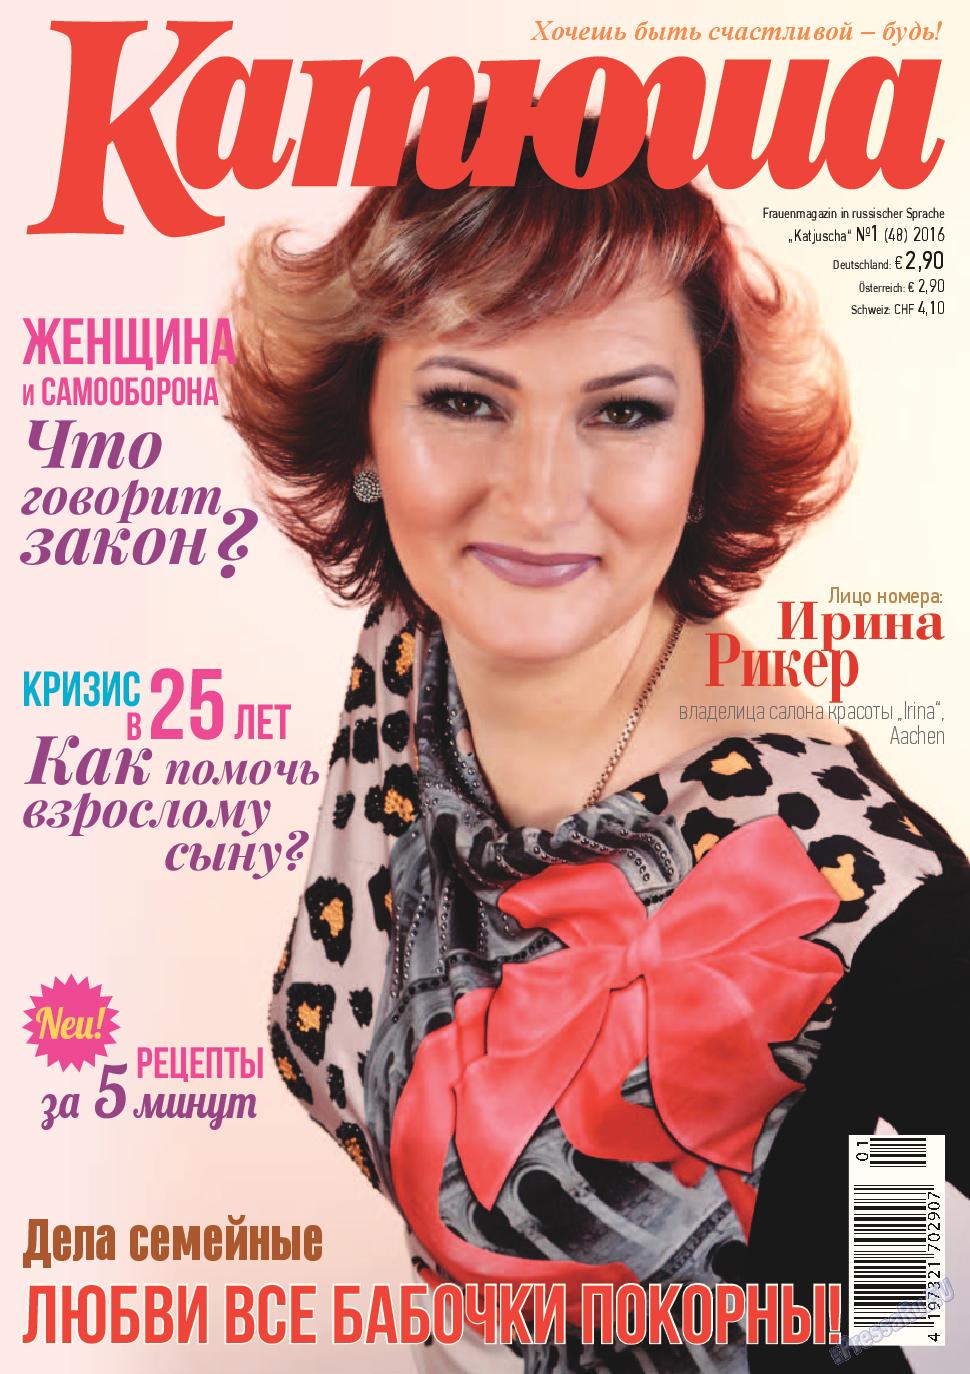 Катюша (журнал). 2016 год, номер 48, стр. 1